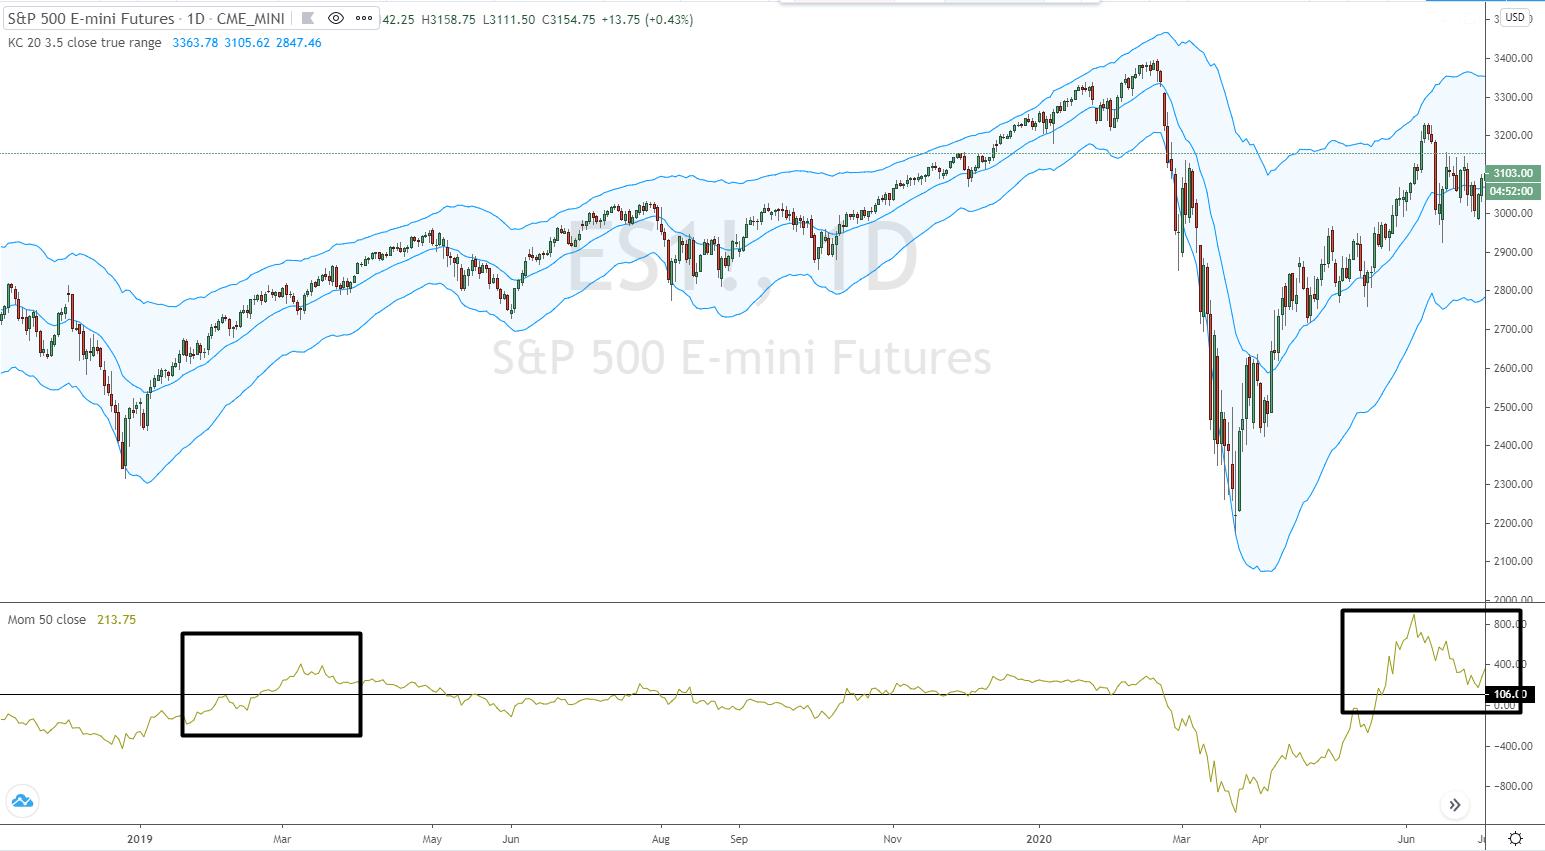 Momentum Durchbruch im S&P500